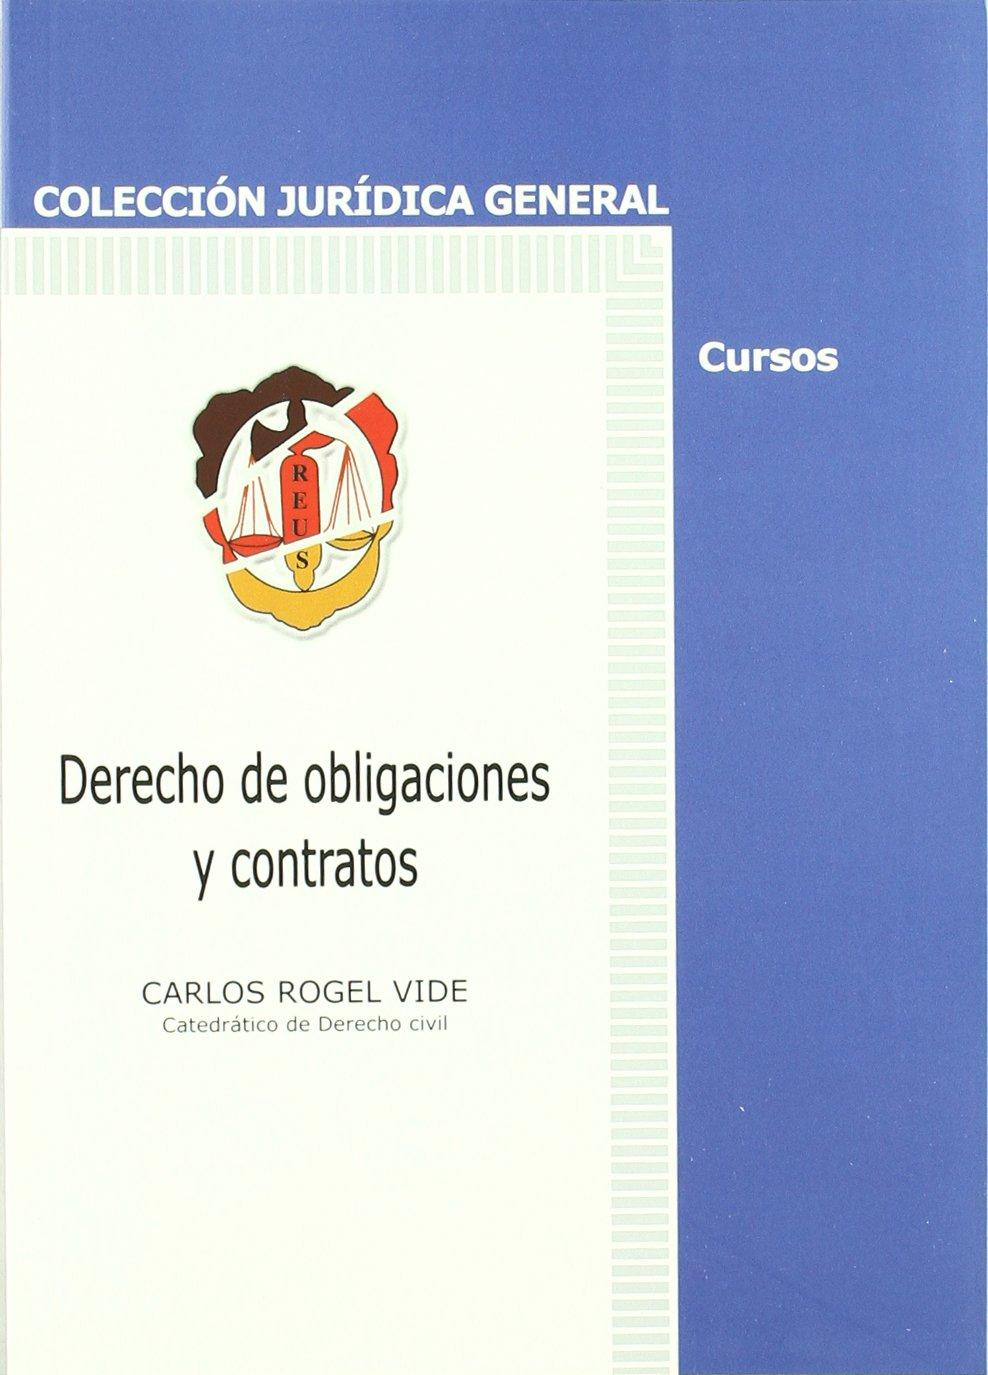 Derecho de obligaciones y contratos Jurídica General-Cursos: Amazon.es: Carlos Rogel Vide: Libros